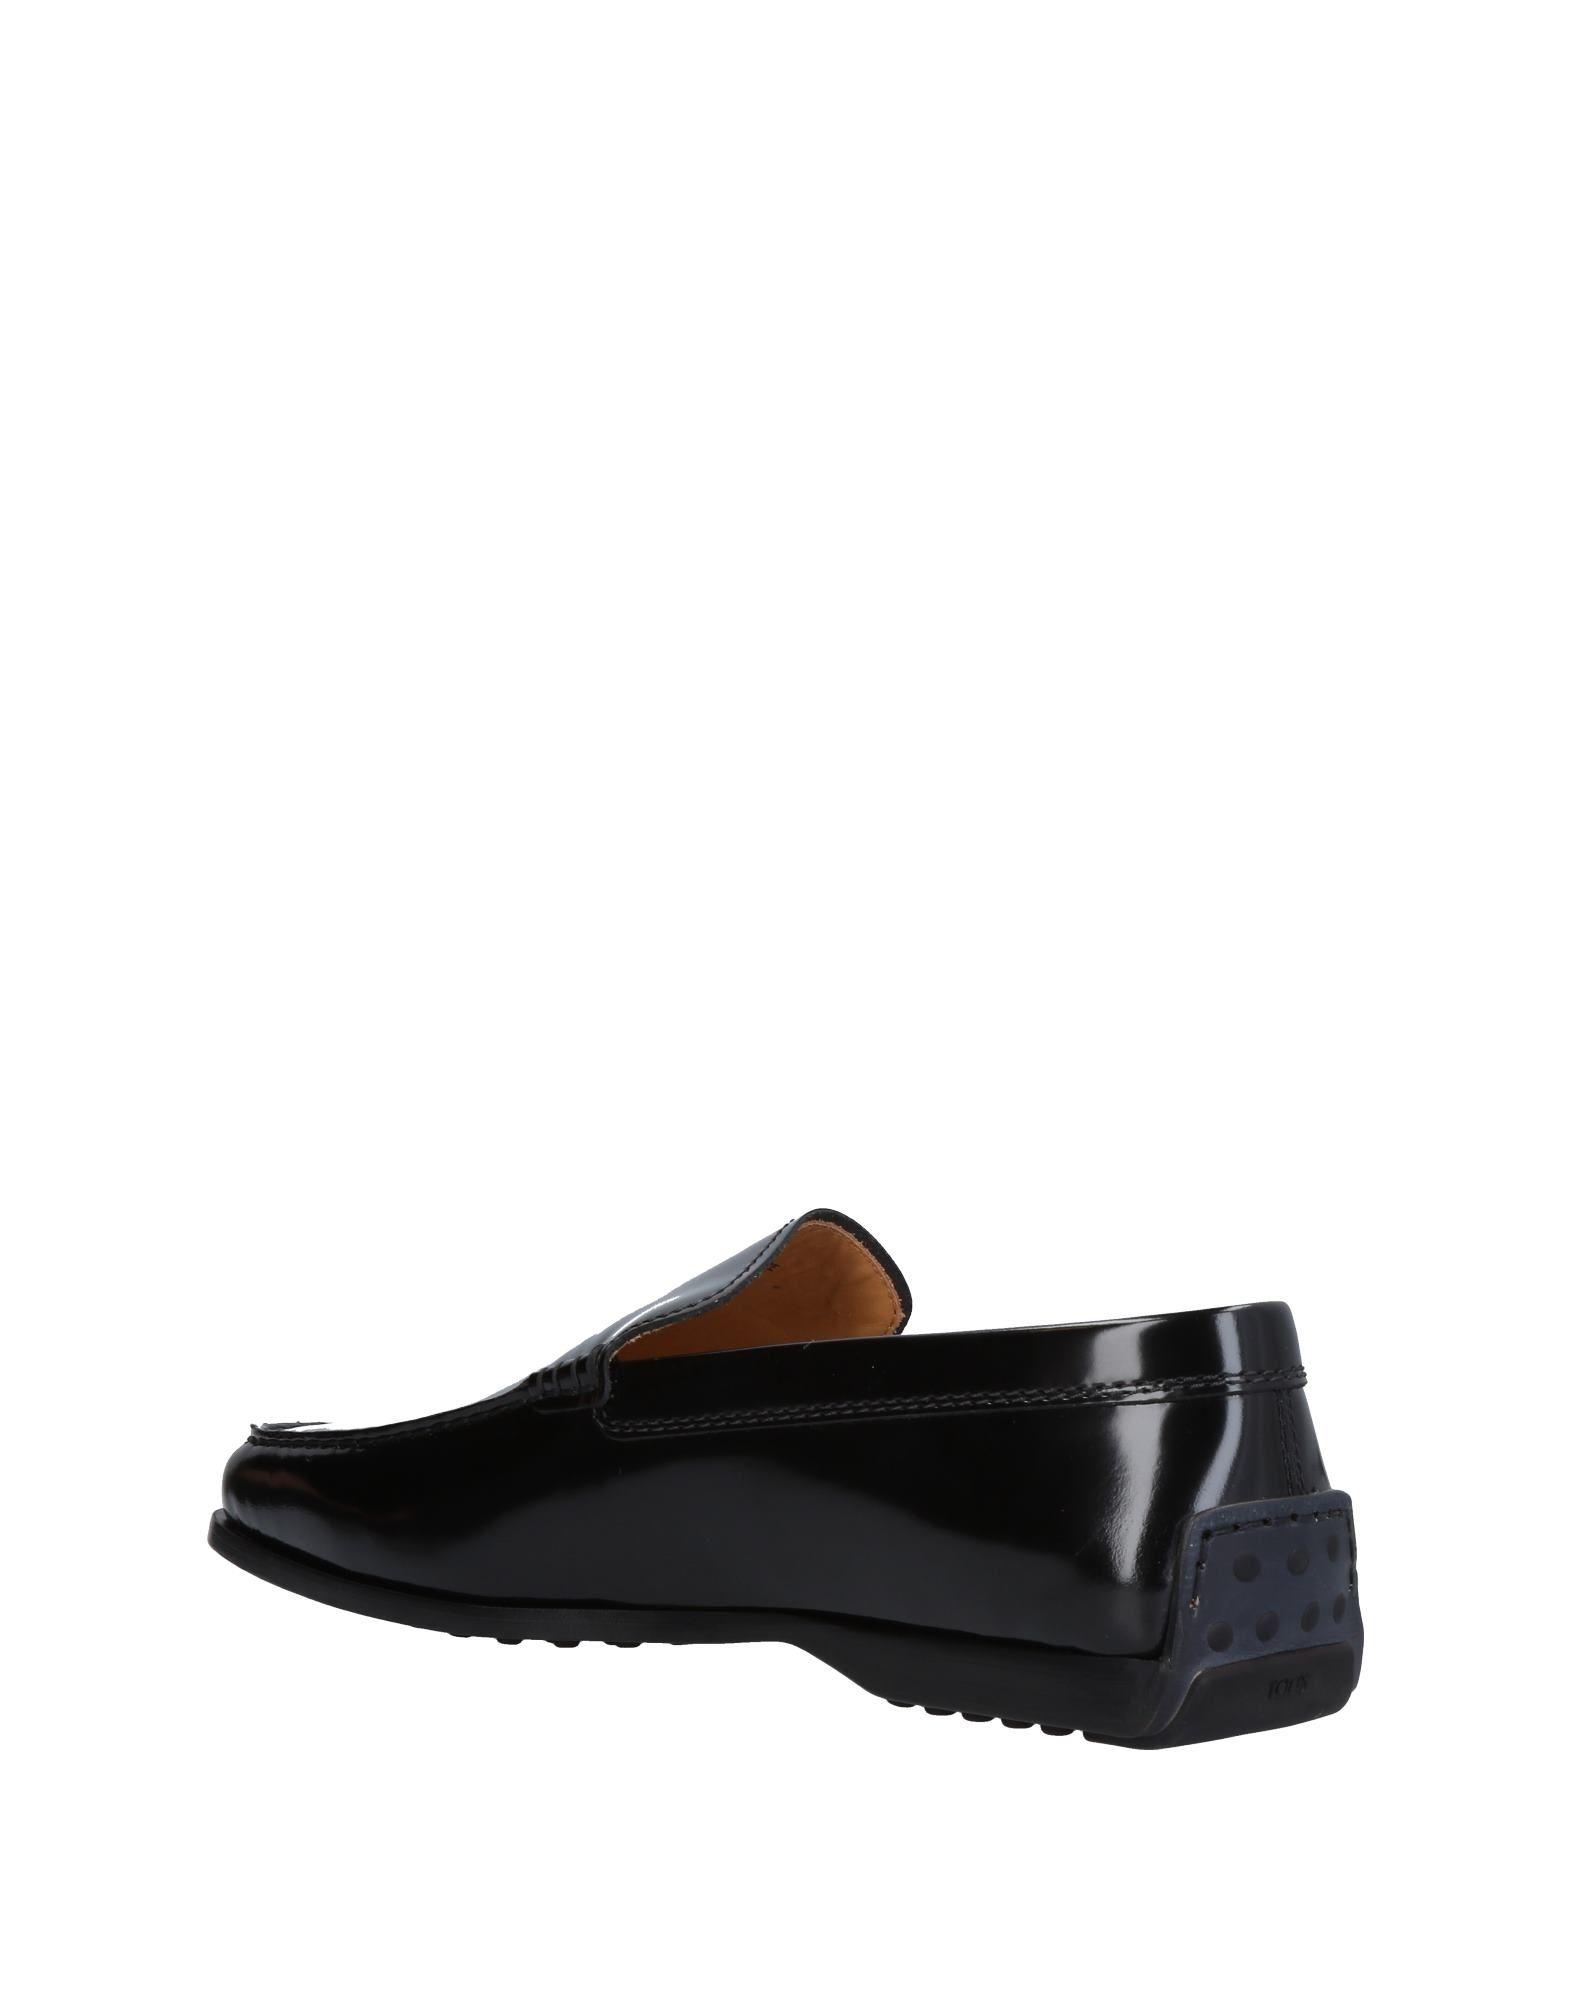 Tod's 11435650NB Mokassins Herren  11435650NB Tod's Gute Qualität beliebte Schuhe 30c4eb